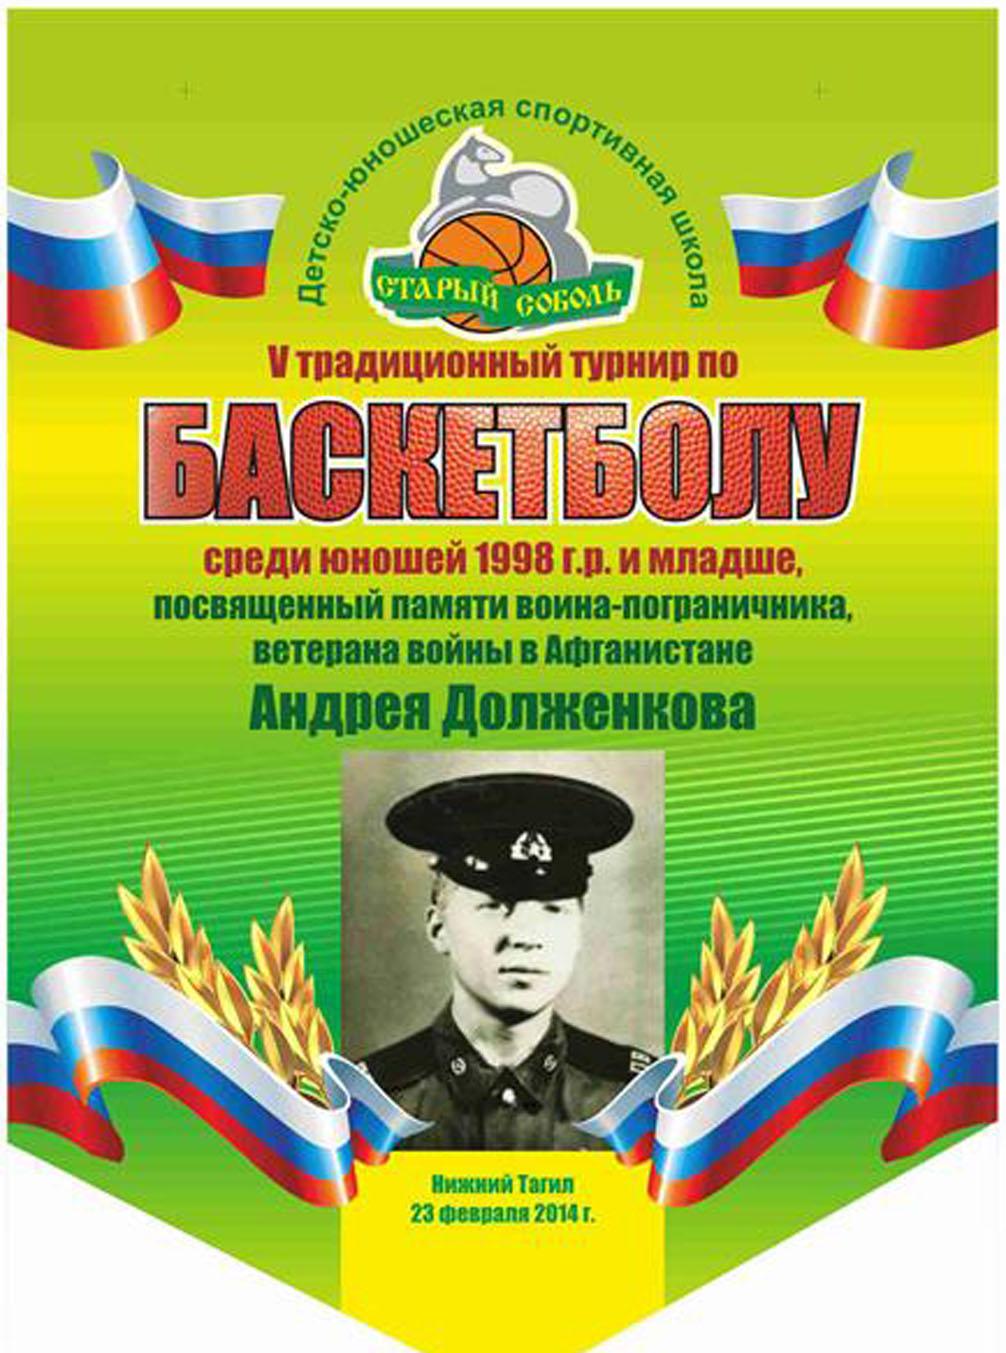 А4 вымпел Долженков